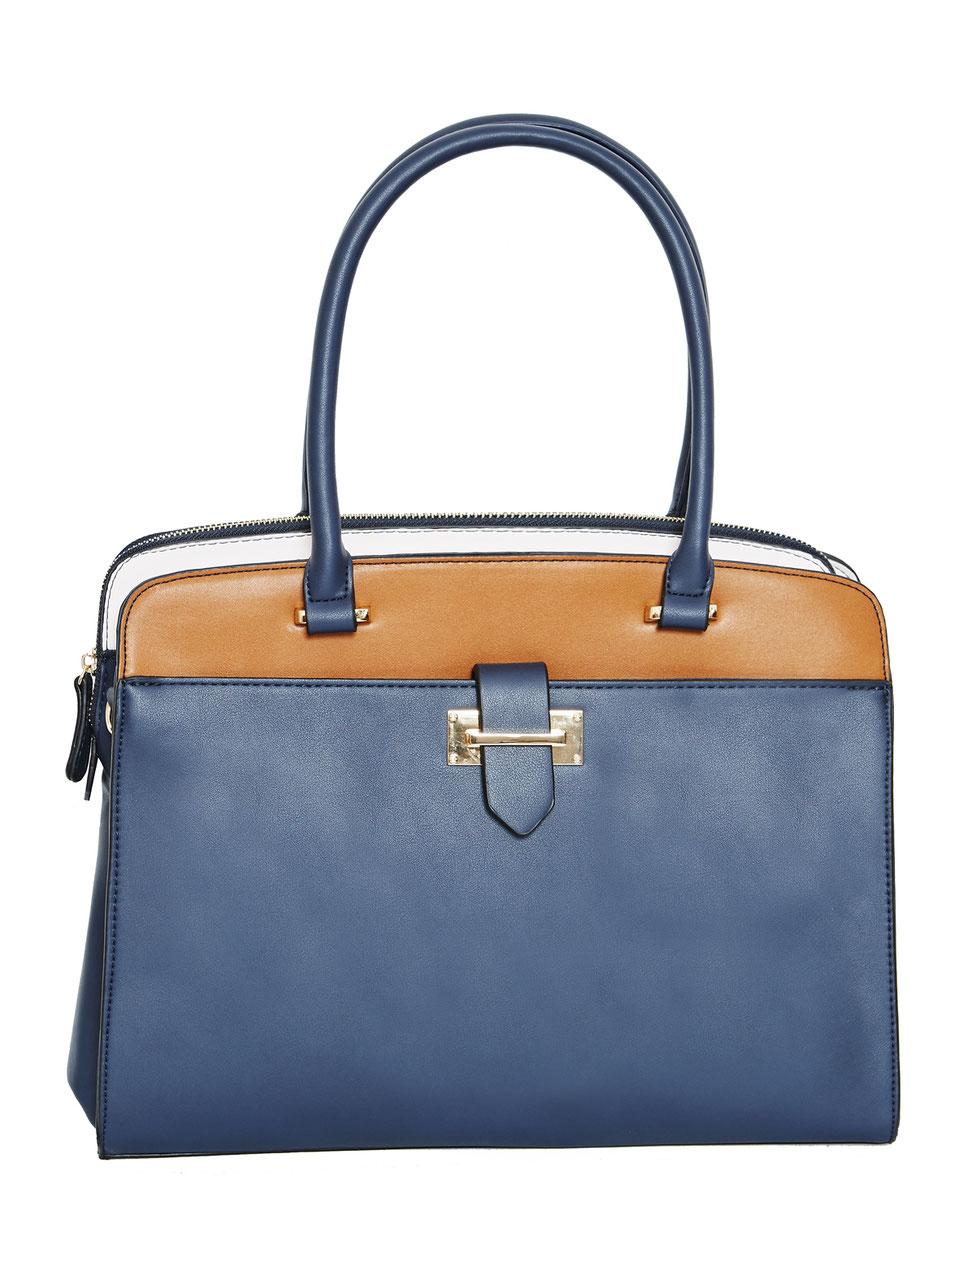 62d018c724ed8 Modische Designer Handtaschen - Mypepita.com